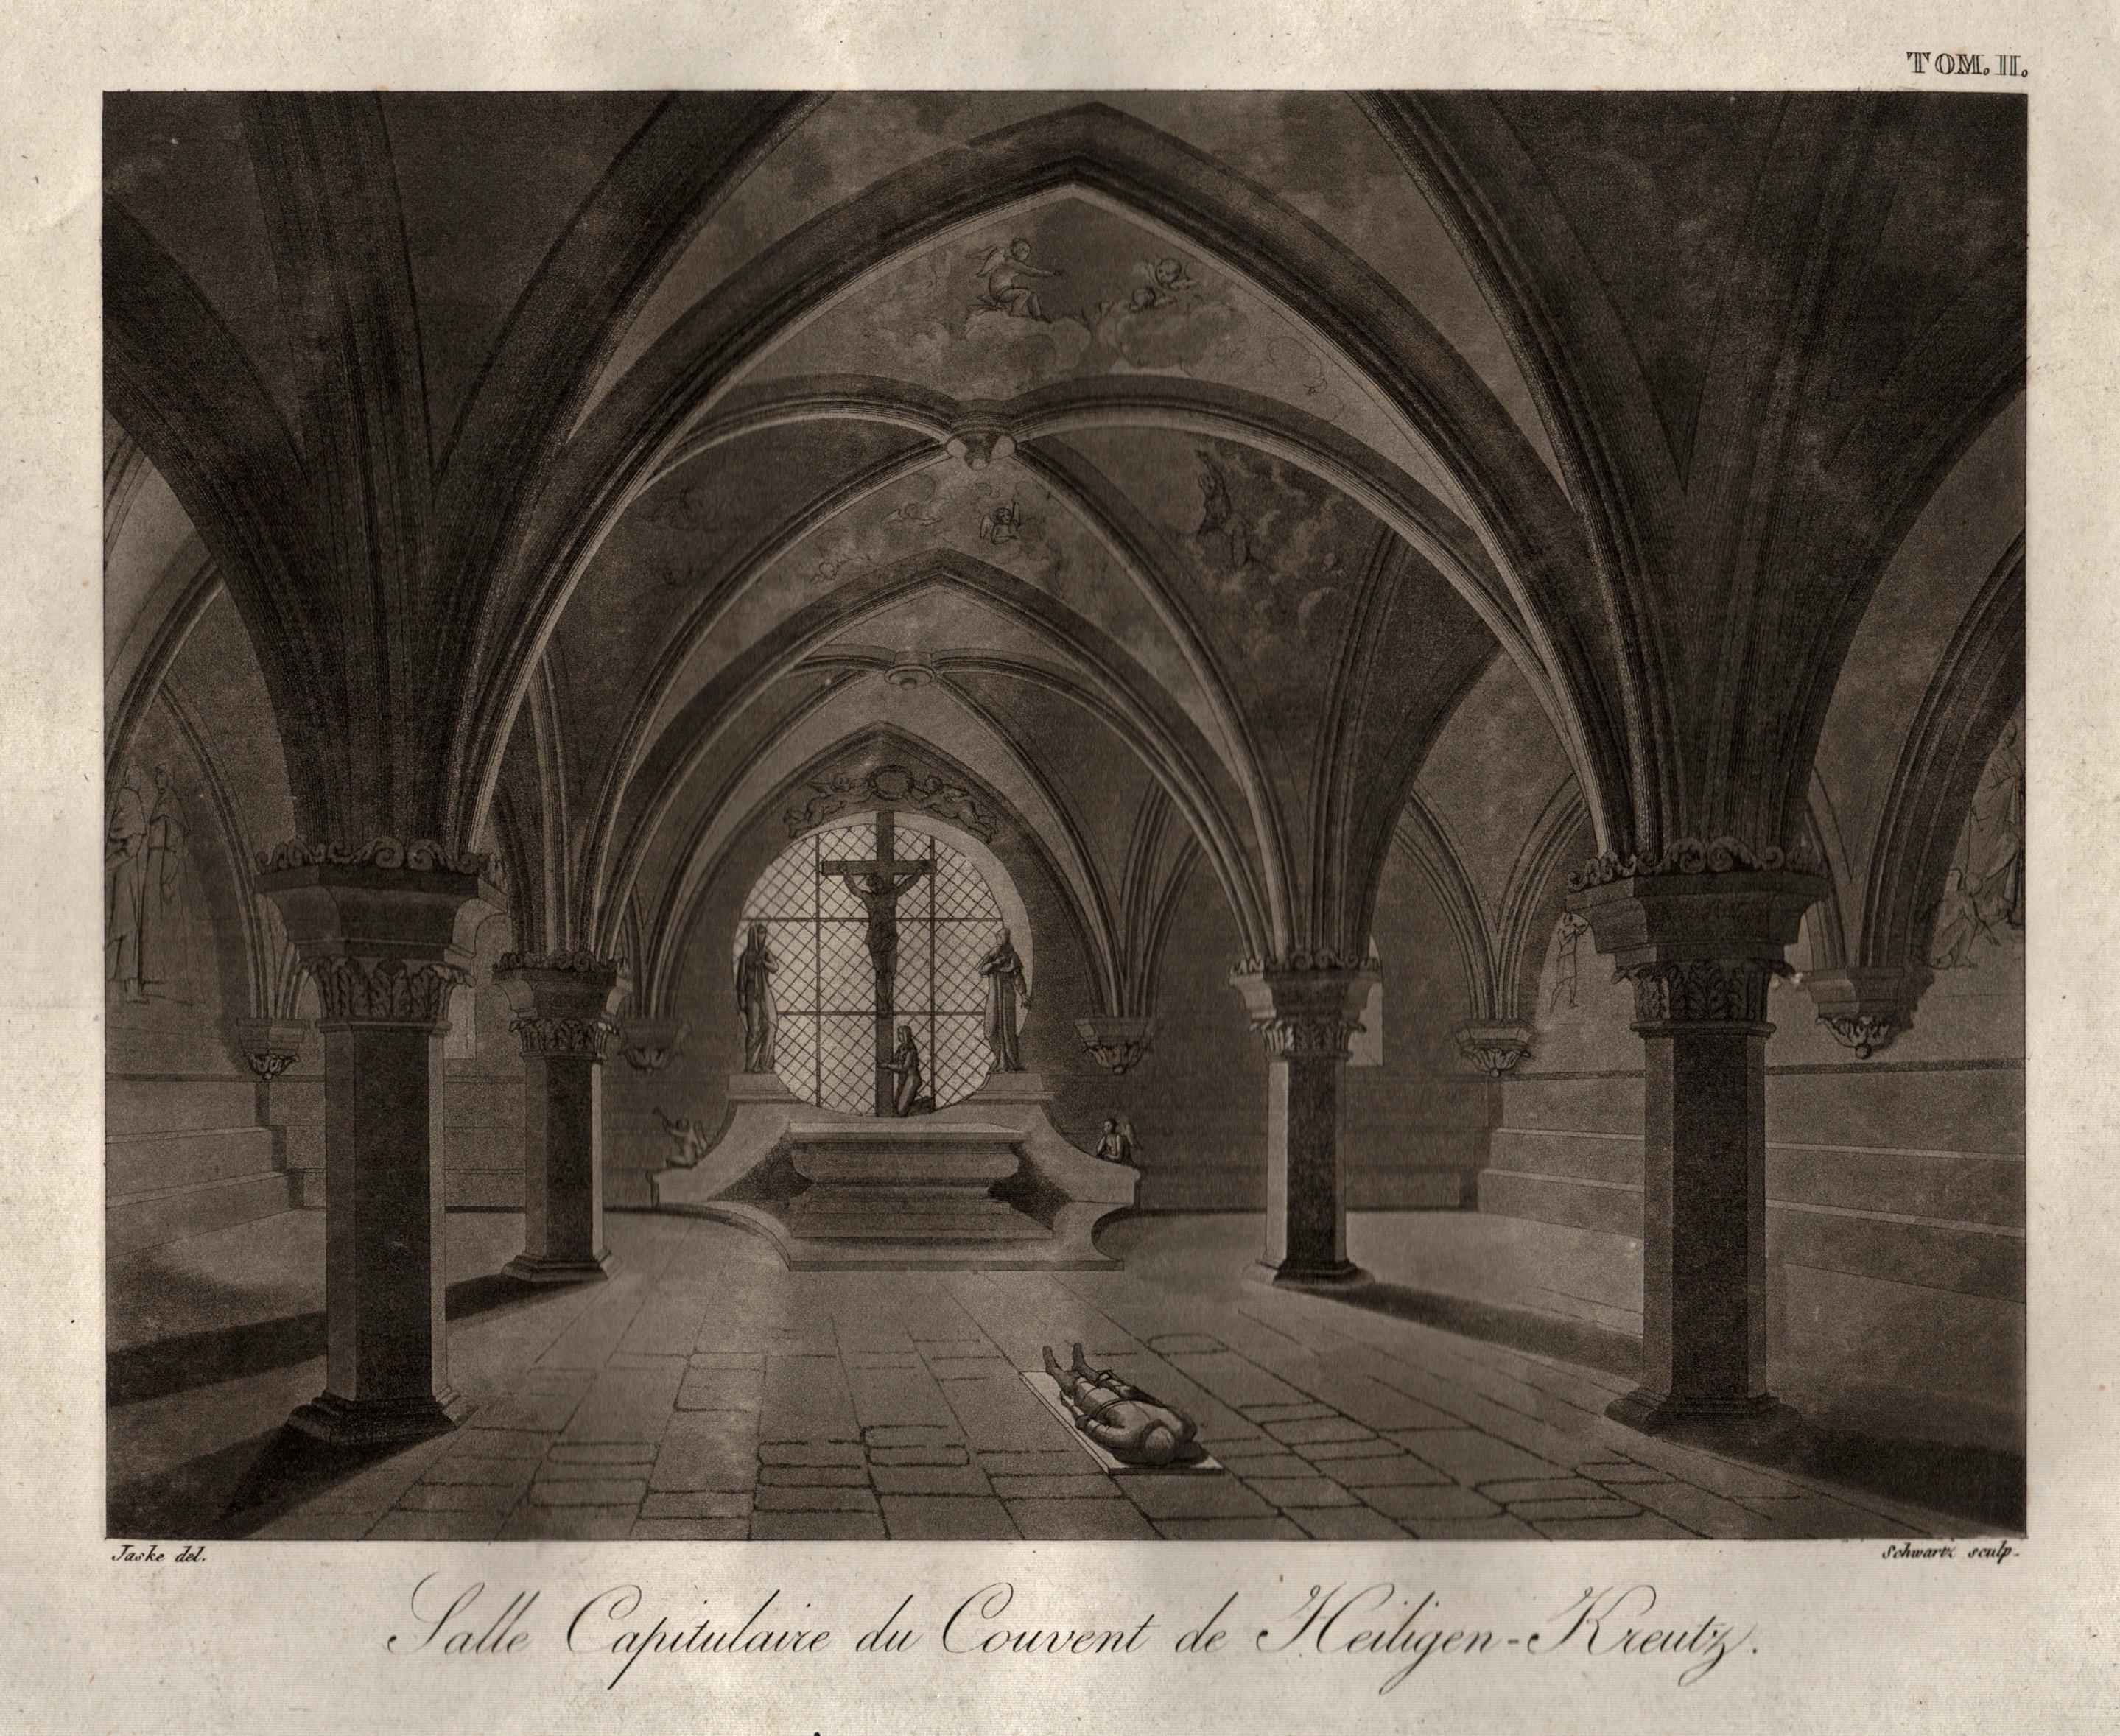 """Zisterzienserkloster (innen), """"Salle Capitulaire du Couvent de: Heiligenkreuz/Niederöster.:"""